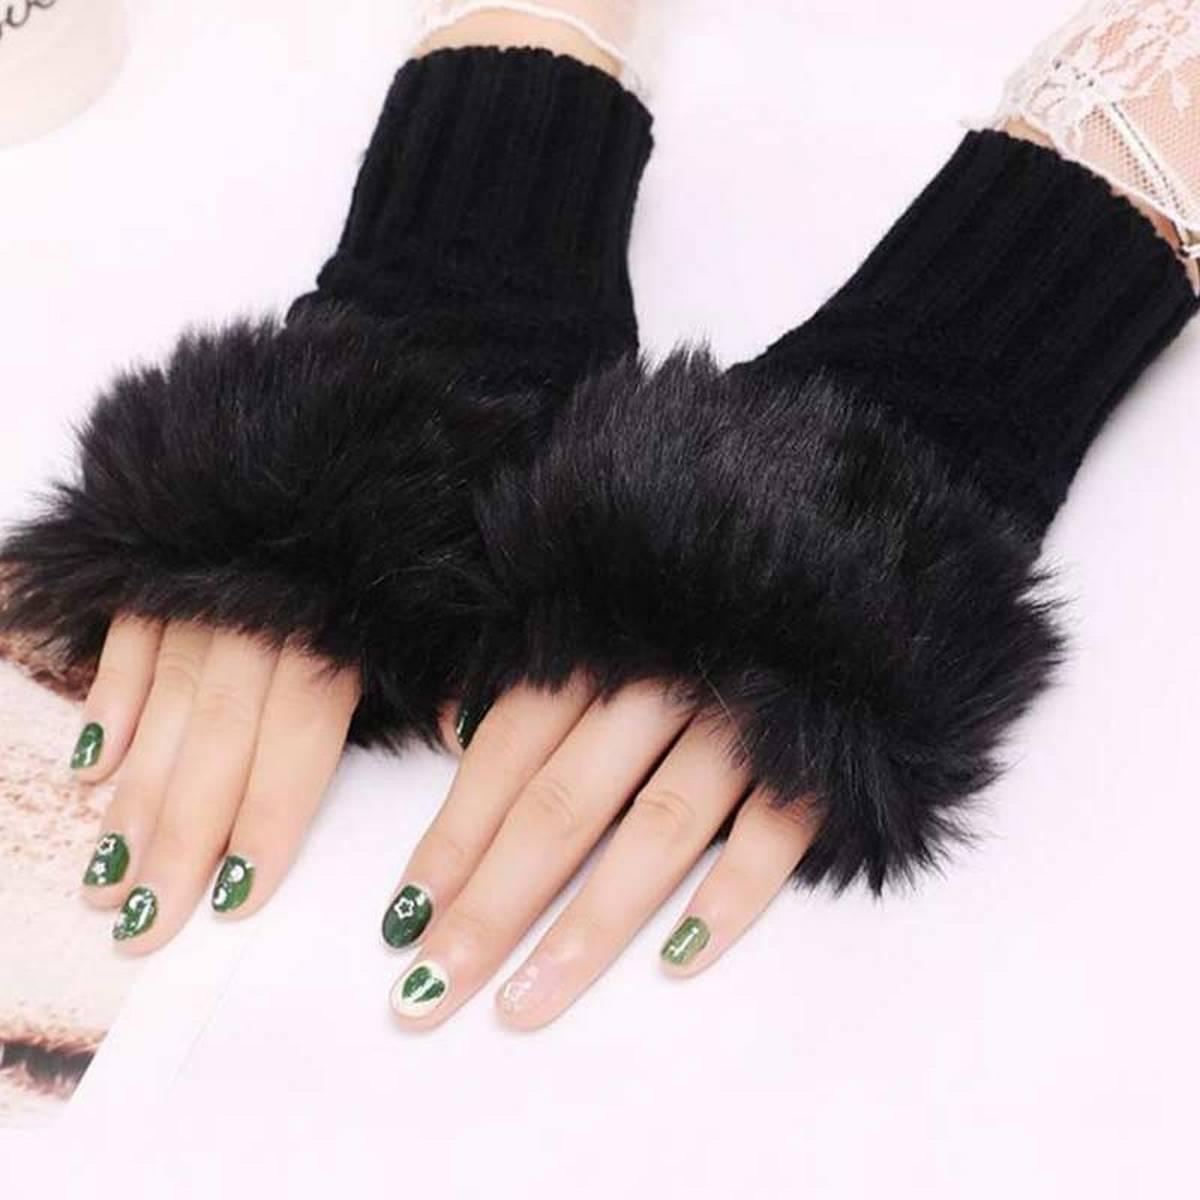 Wool Gloves Fancy Winter Women Grils wool glovs Gloves Knitting Woo wool glovs l Keep Warm Short Mitten Fingerless Lady Girl Half Finger Gloves Rabbit Lady hand Gloves KAAA1063